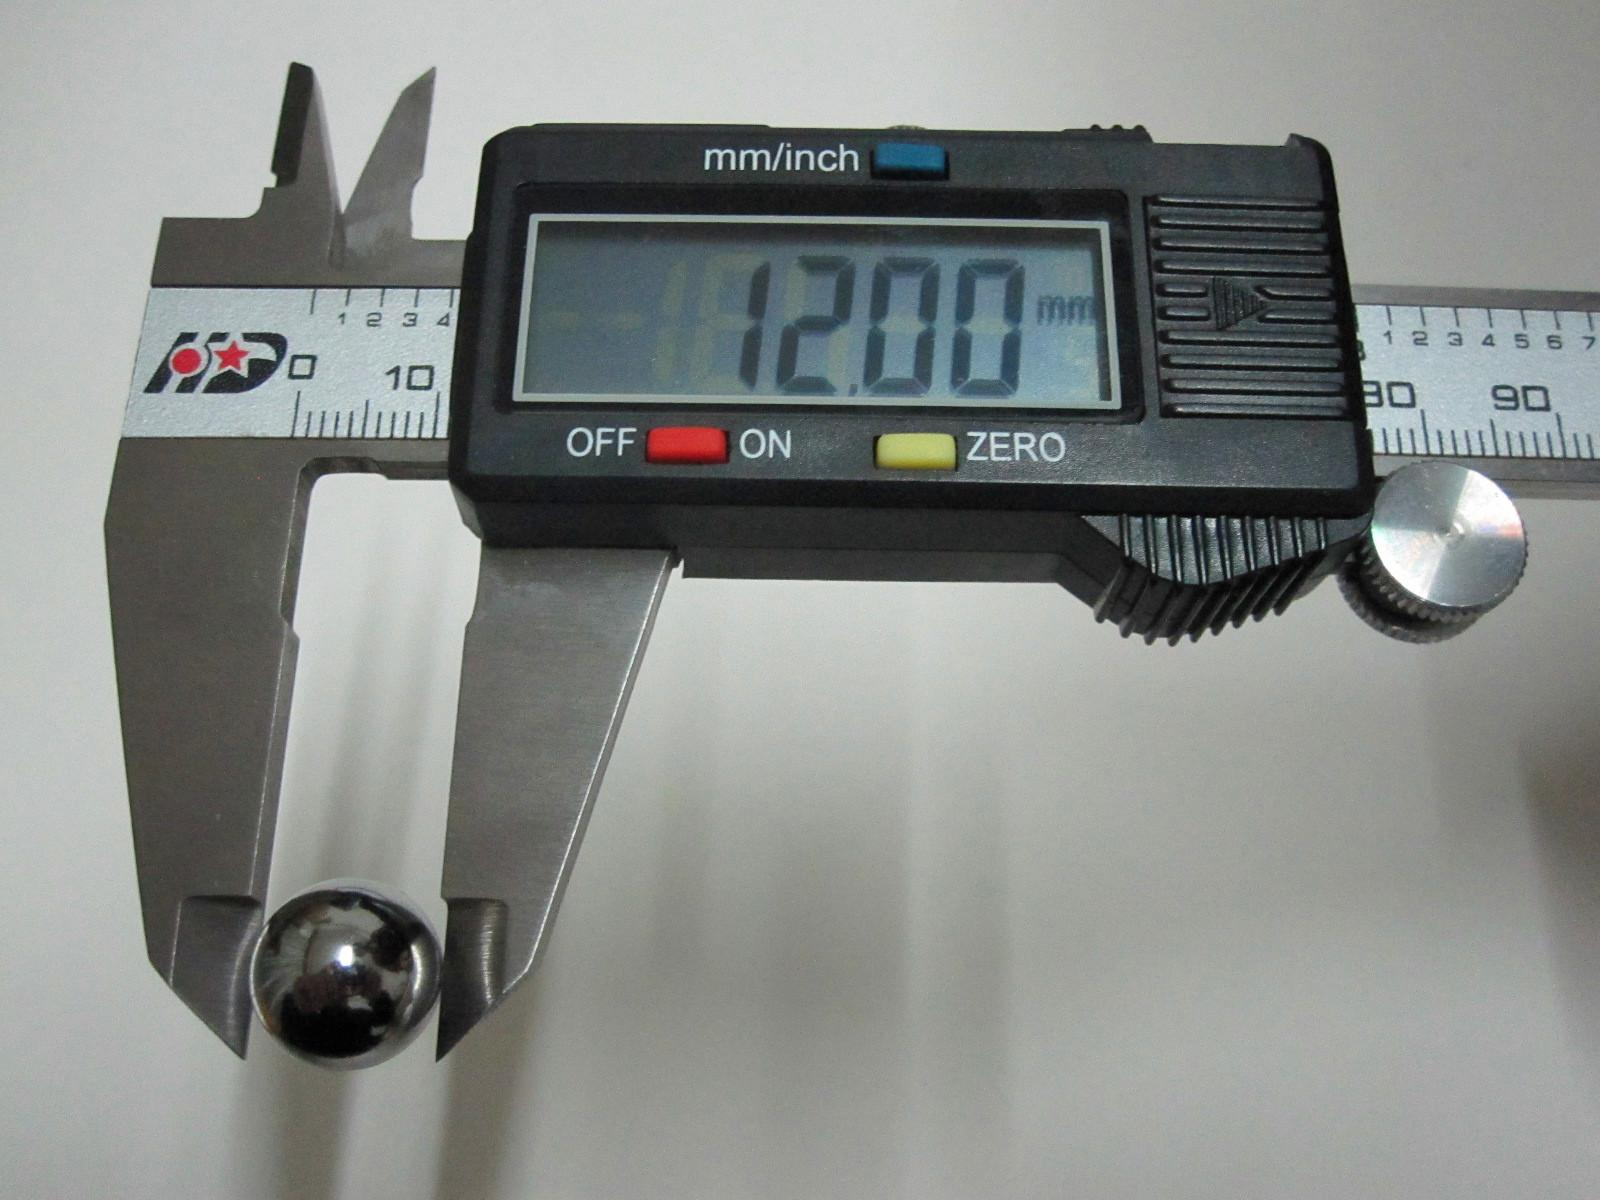 Diámetro de la bola de acero de la bola del rodamiento de bolitas de acero cromado de 12mm 12mm / set Precisión: G10-Grado